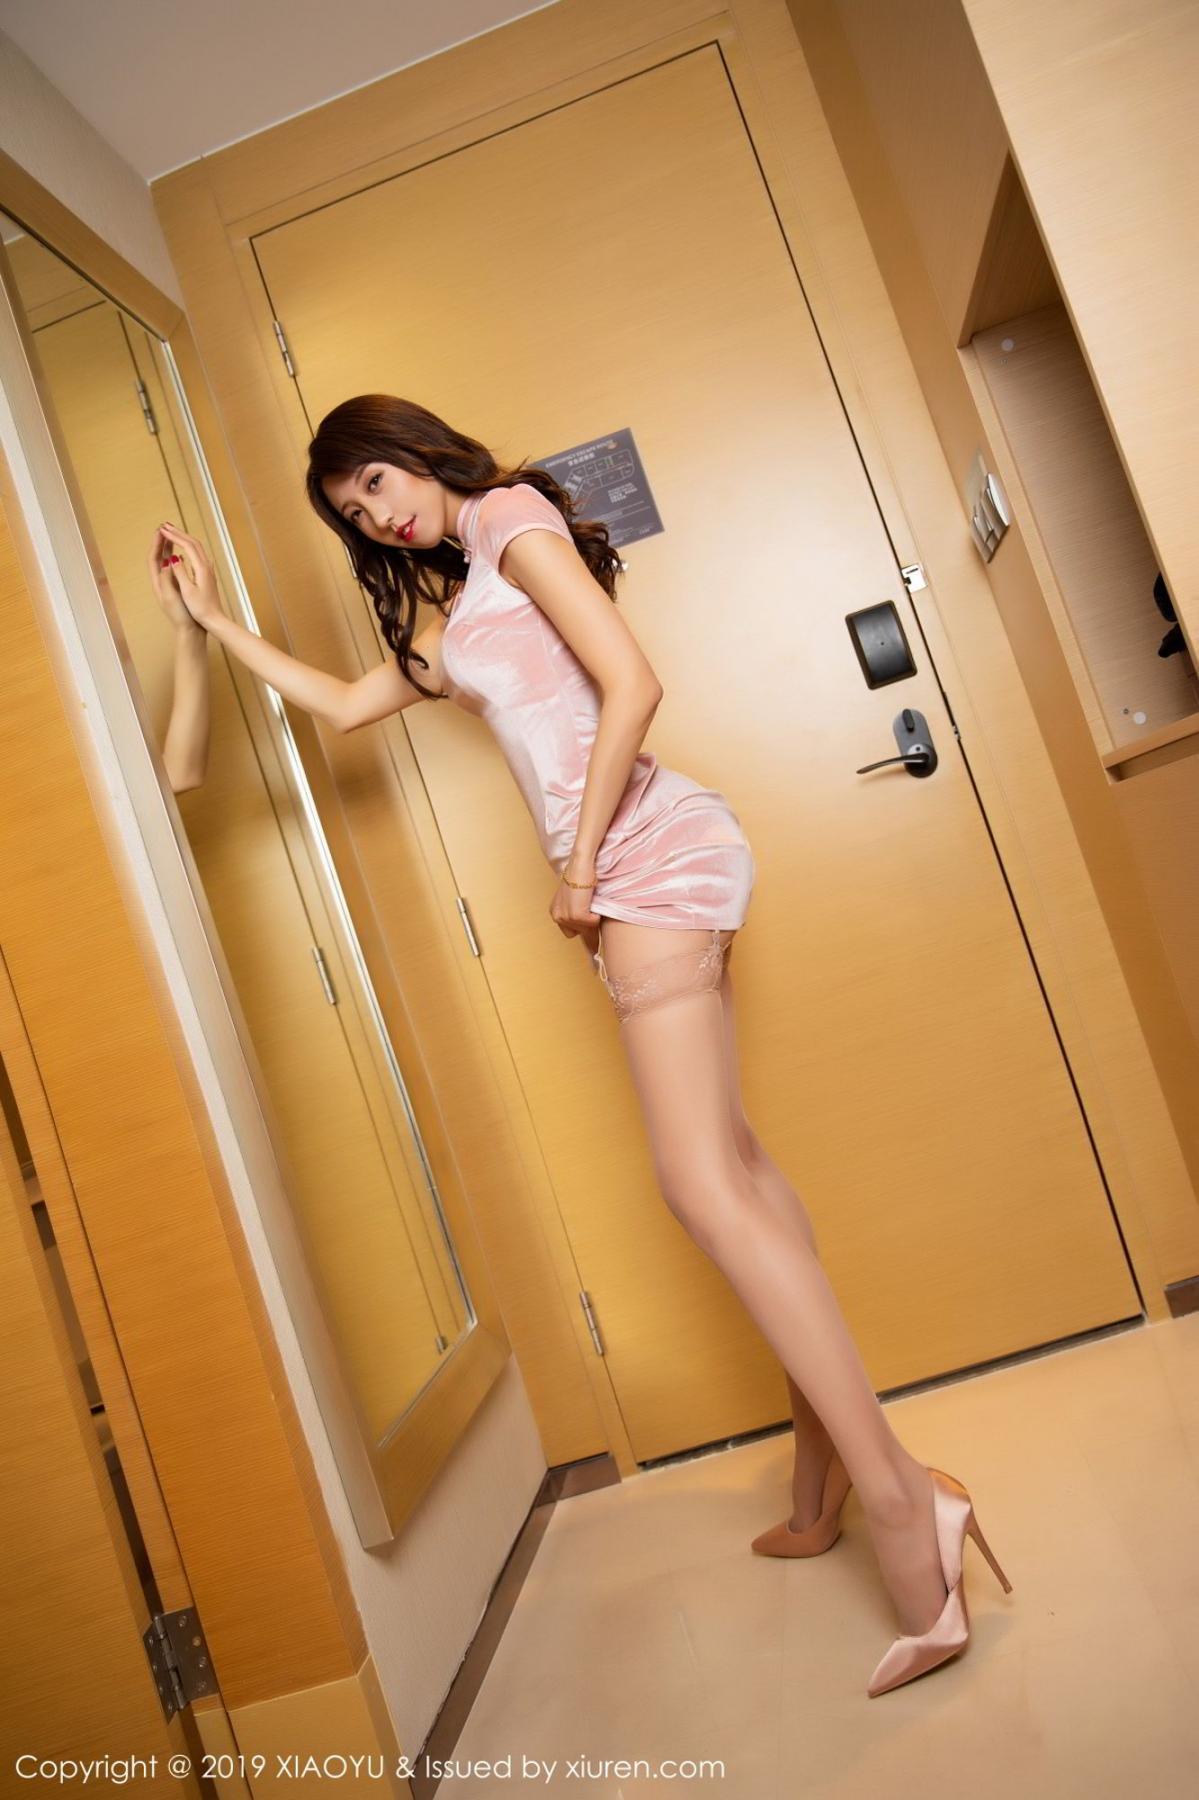 [XiaoYu] Vol.113 Da Xi 1P, Da Xi, Foot, Tall, XiaoYu